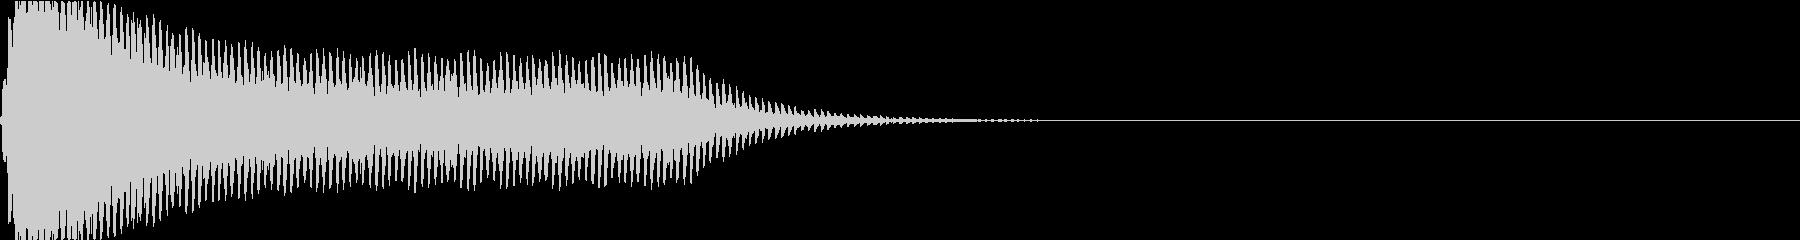 スタンガンの音02、電気の切れそうな音の未再生の波形